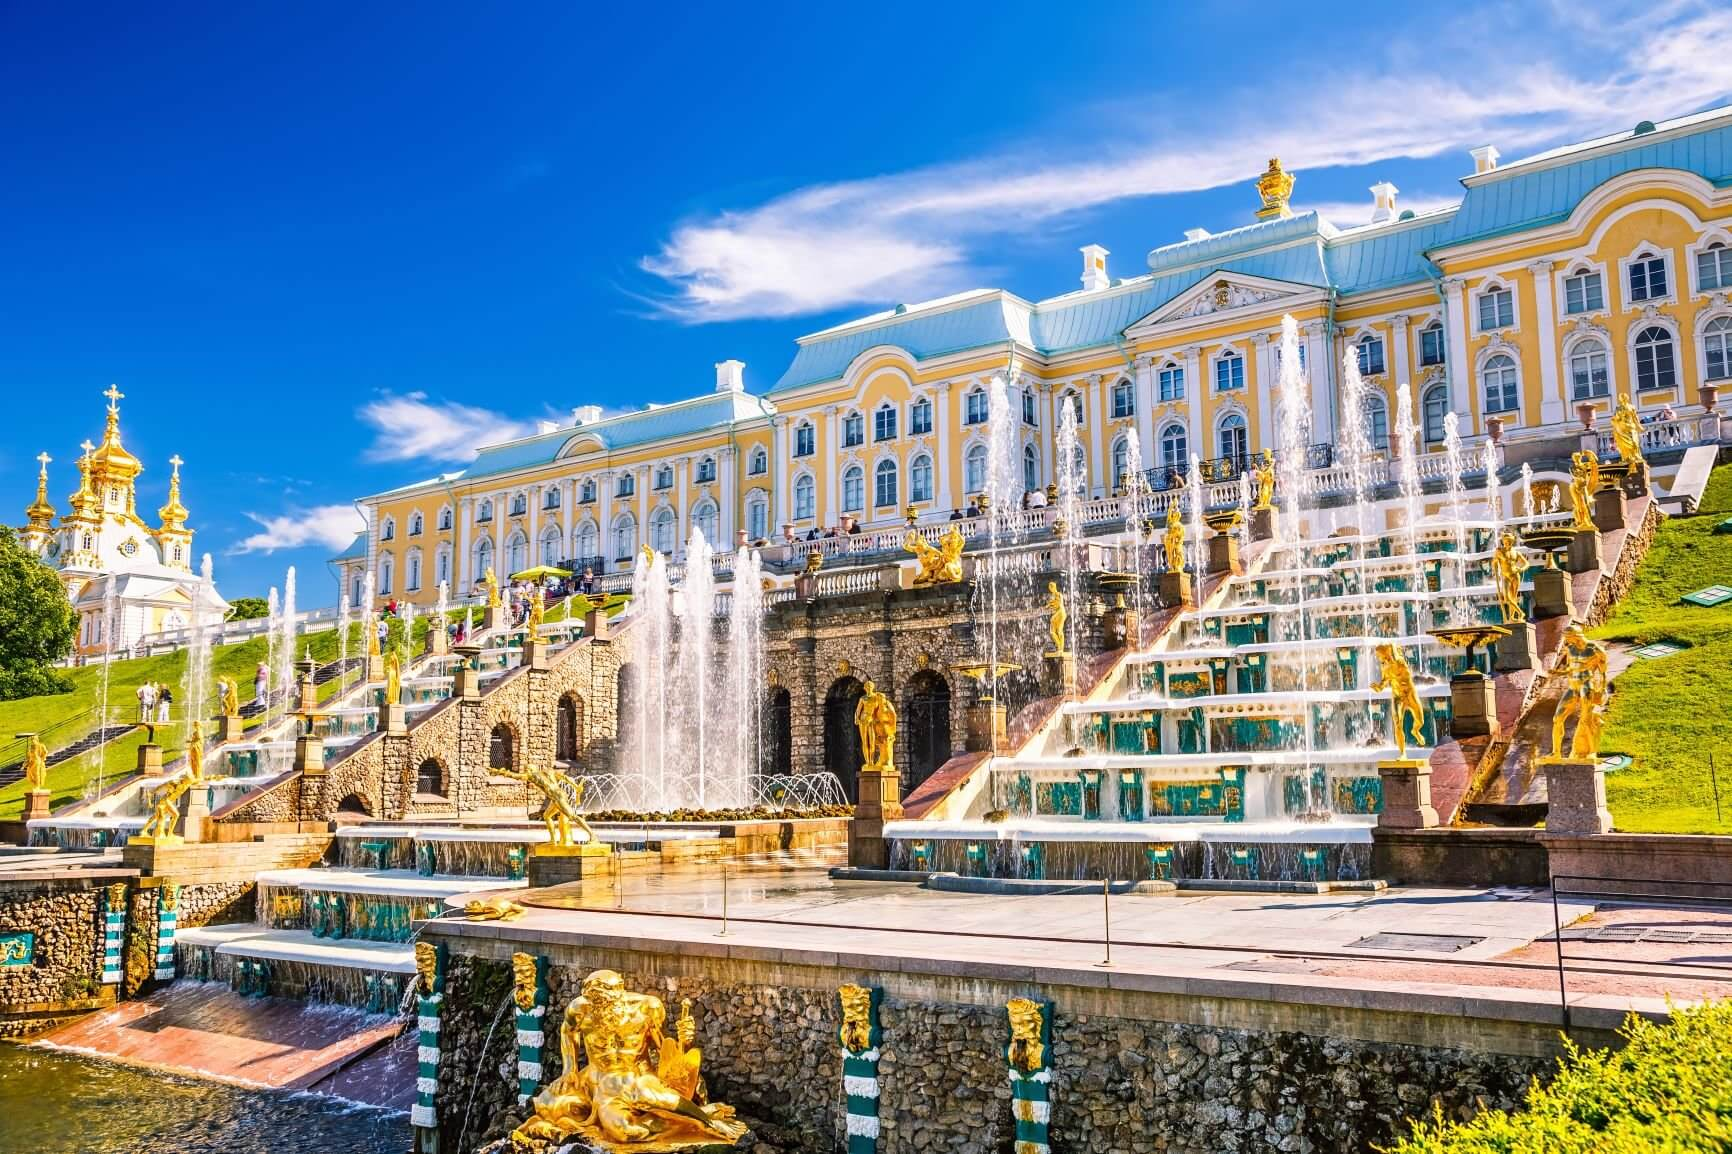 Peterhof in St. Petersburg